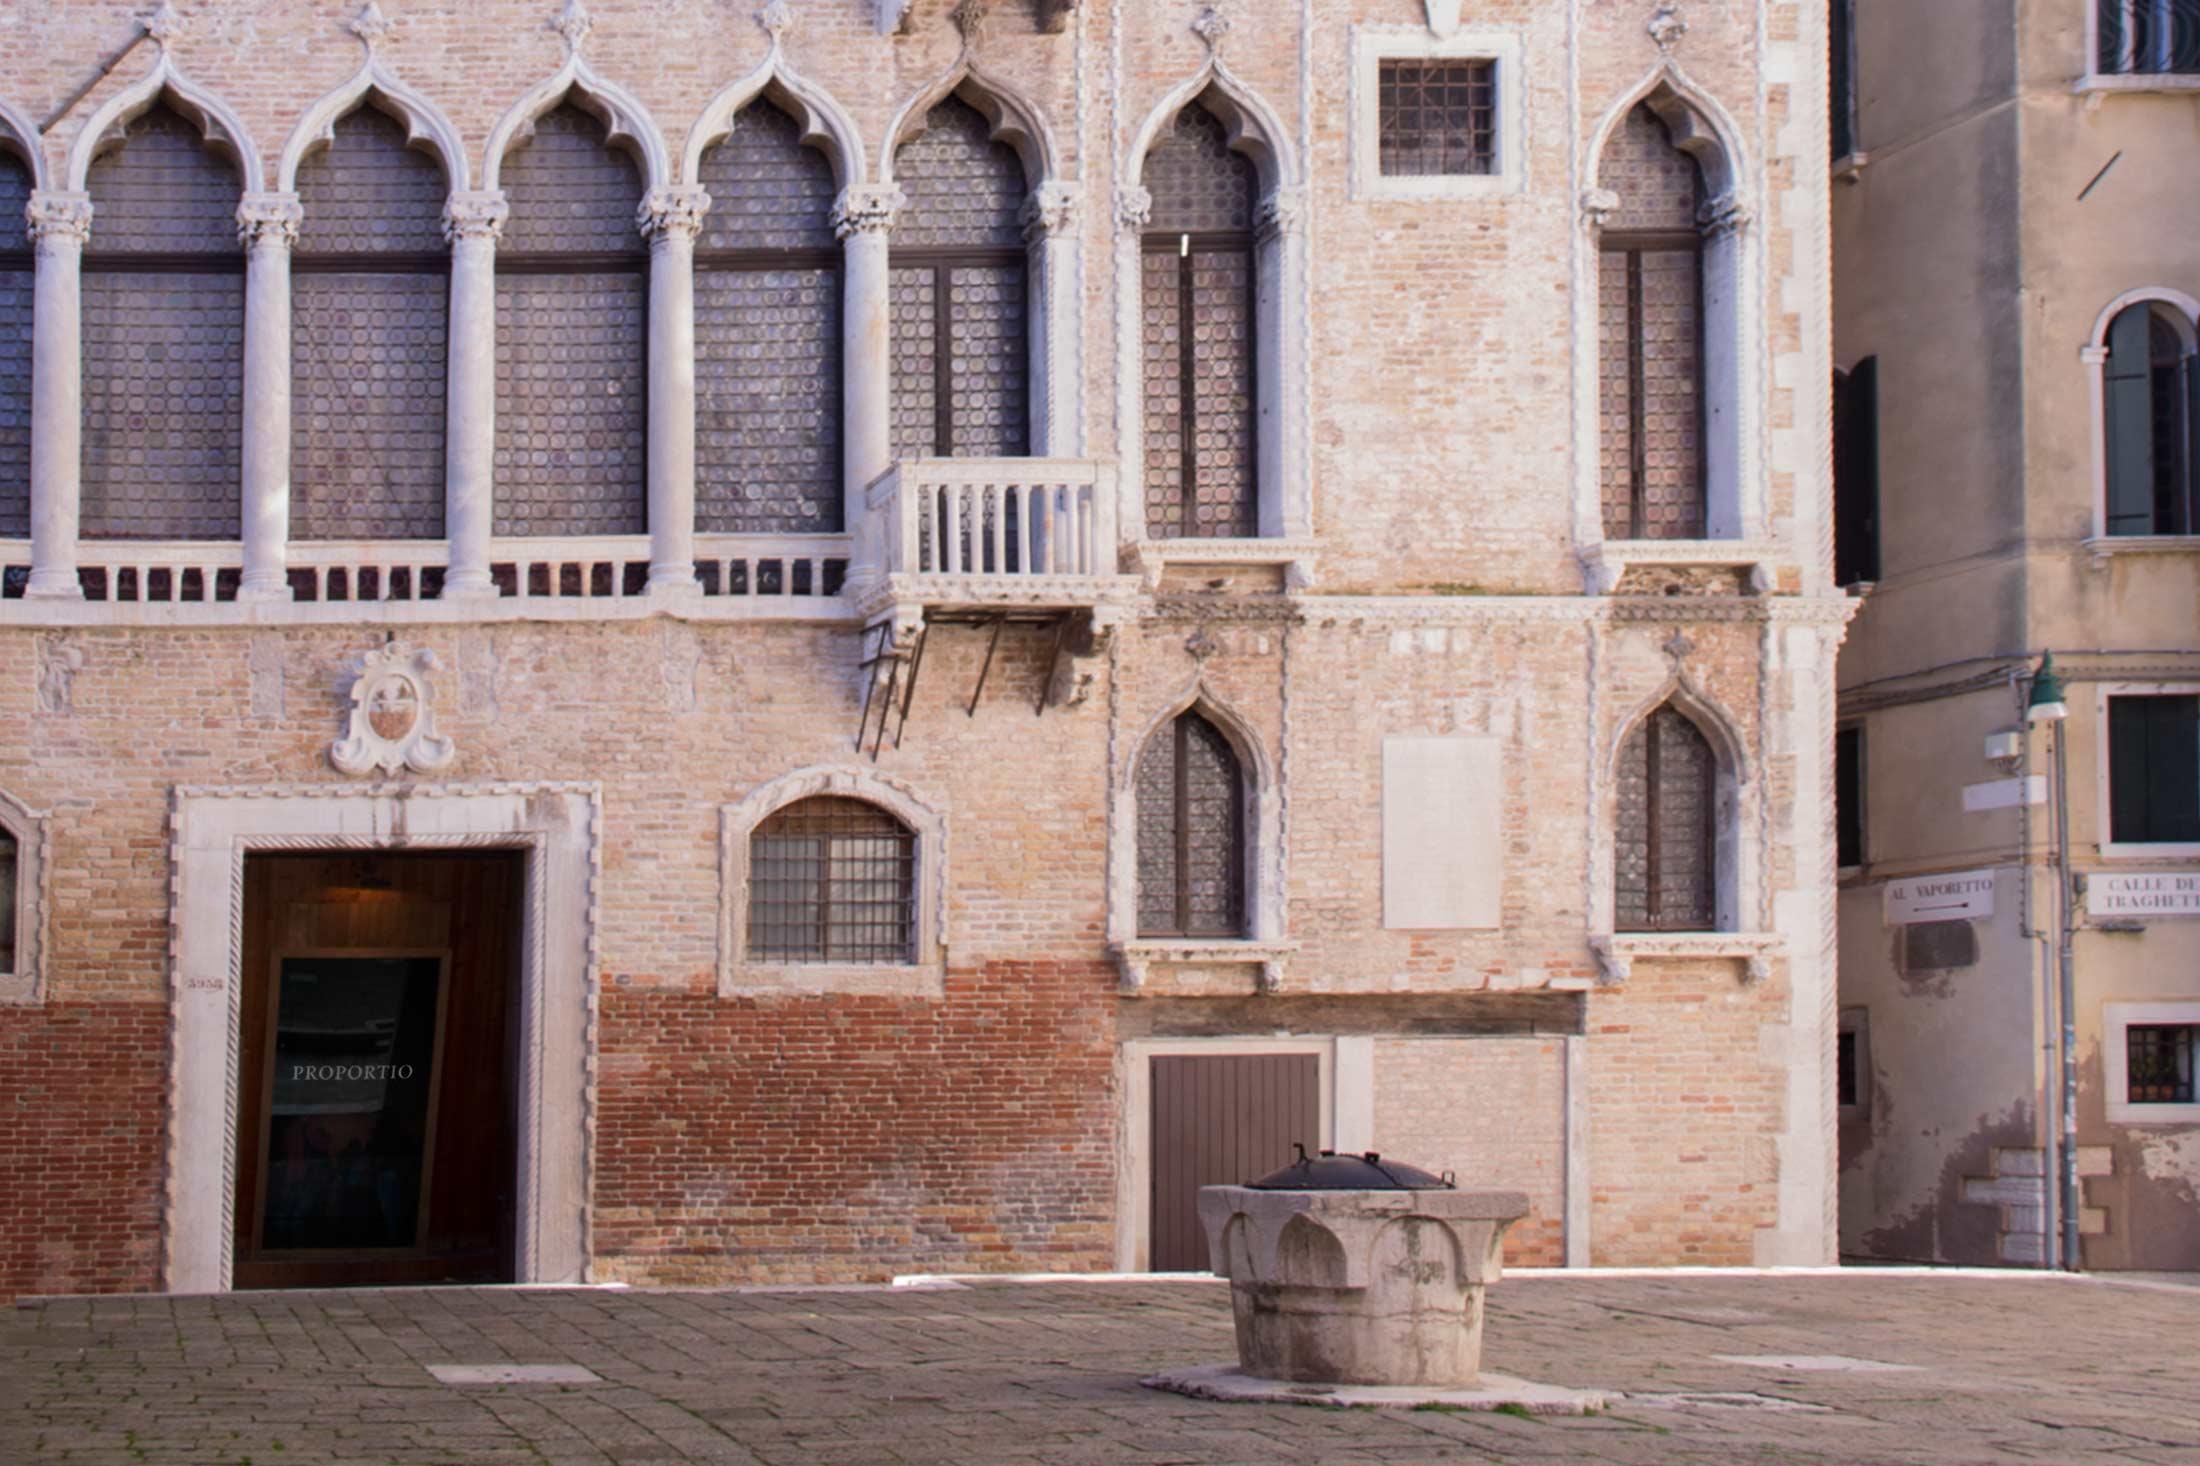 Proportio - esterno Palazzo Fortuny